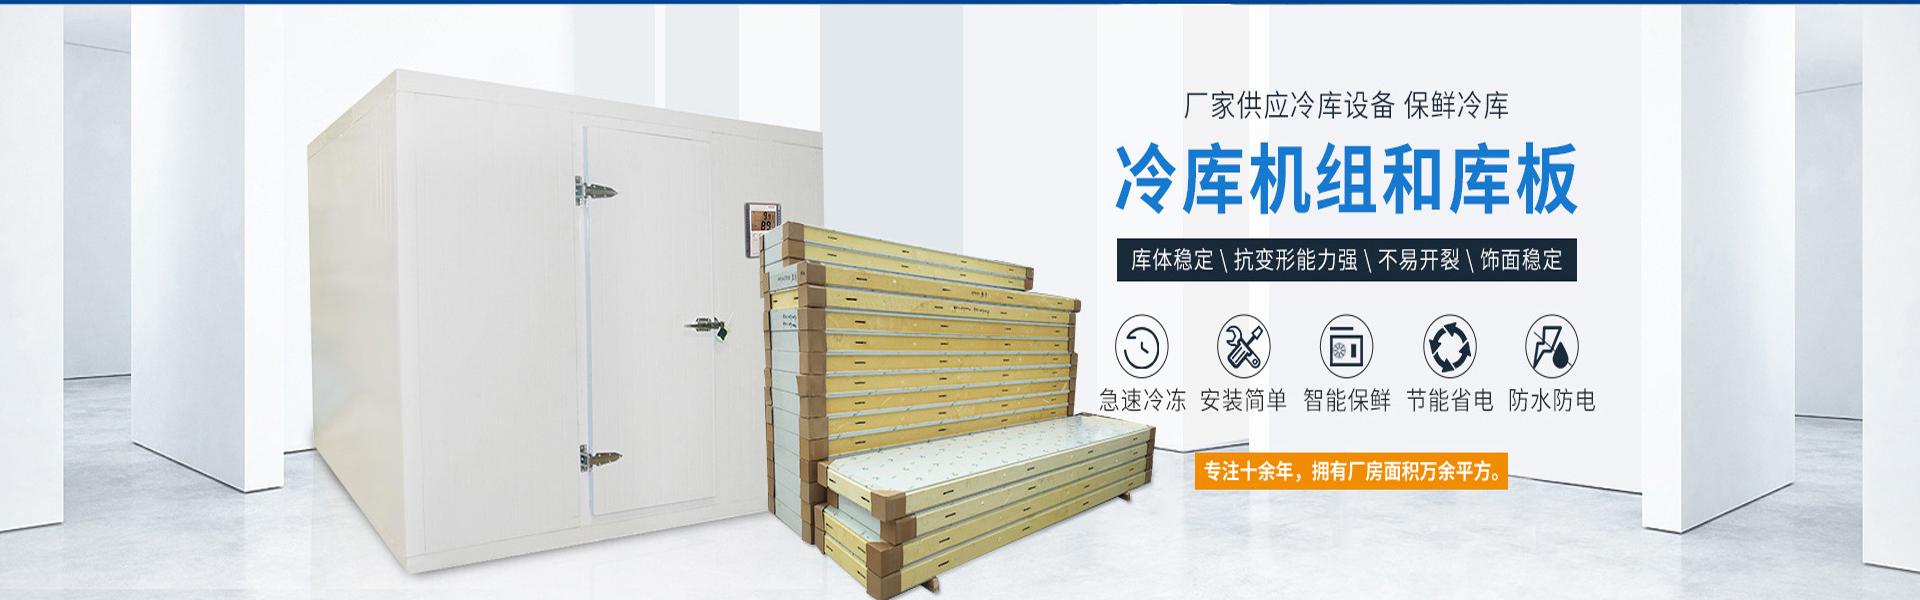 厂家供应冷库设备 保鲜冷库 冷库机组和库板